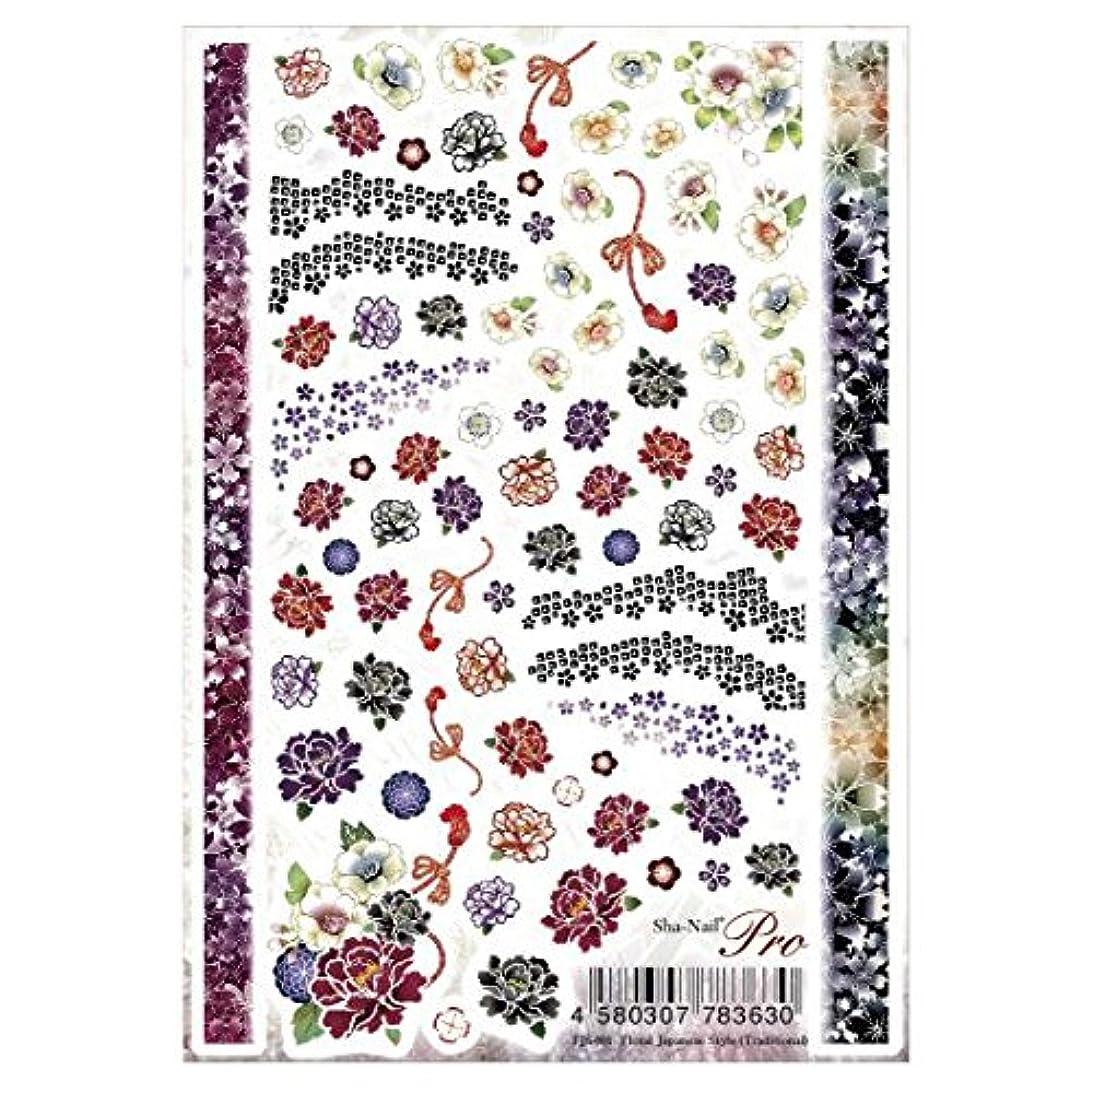 危険にさらされている予測子ビルマ写ネイルプロ ネイルシール 和の花 トラディショナル アート材